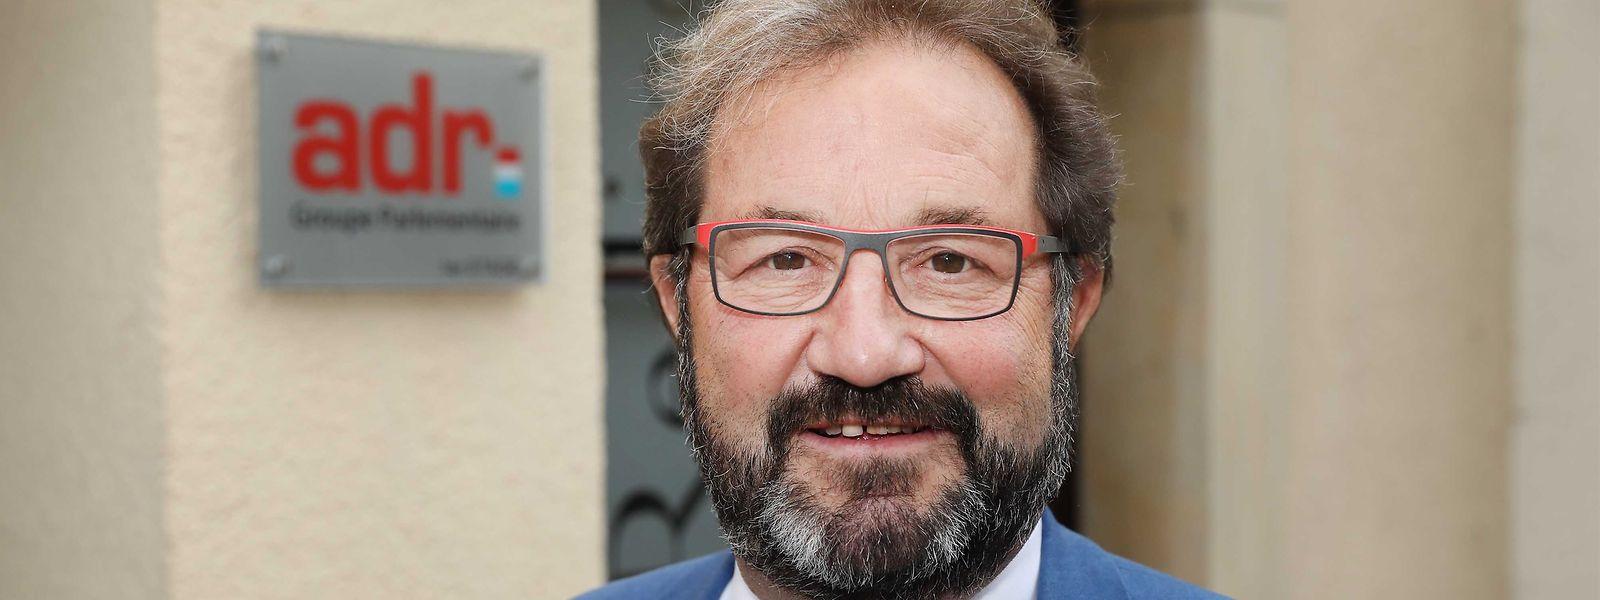 Gast Gibéryen a derrière lui une carrière de 31 ans comme député de l'ADR